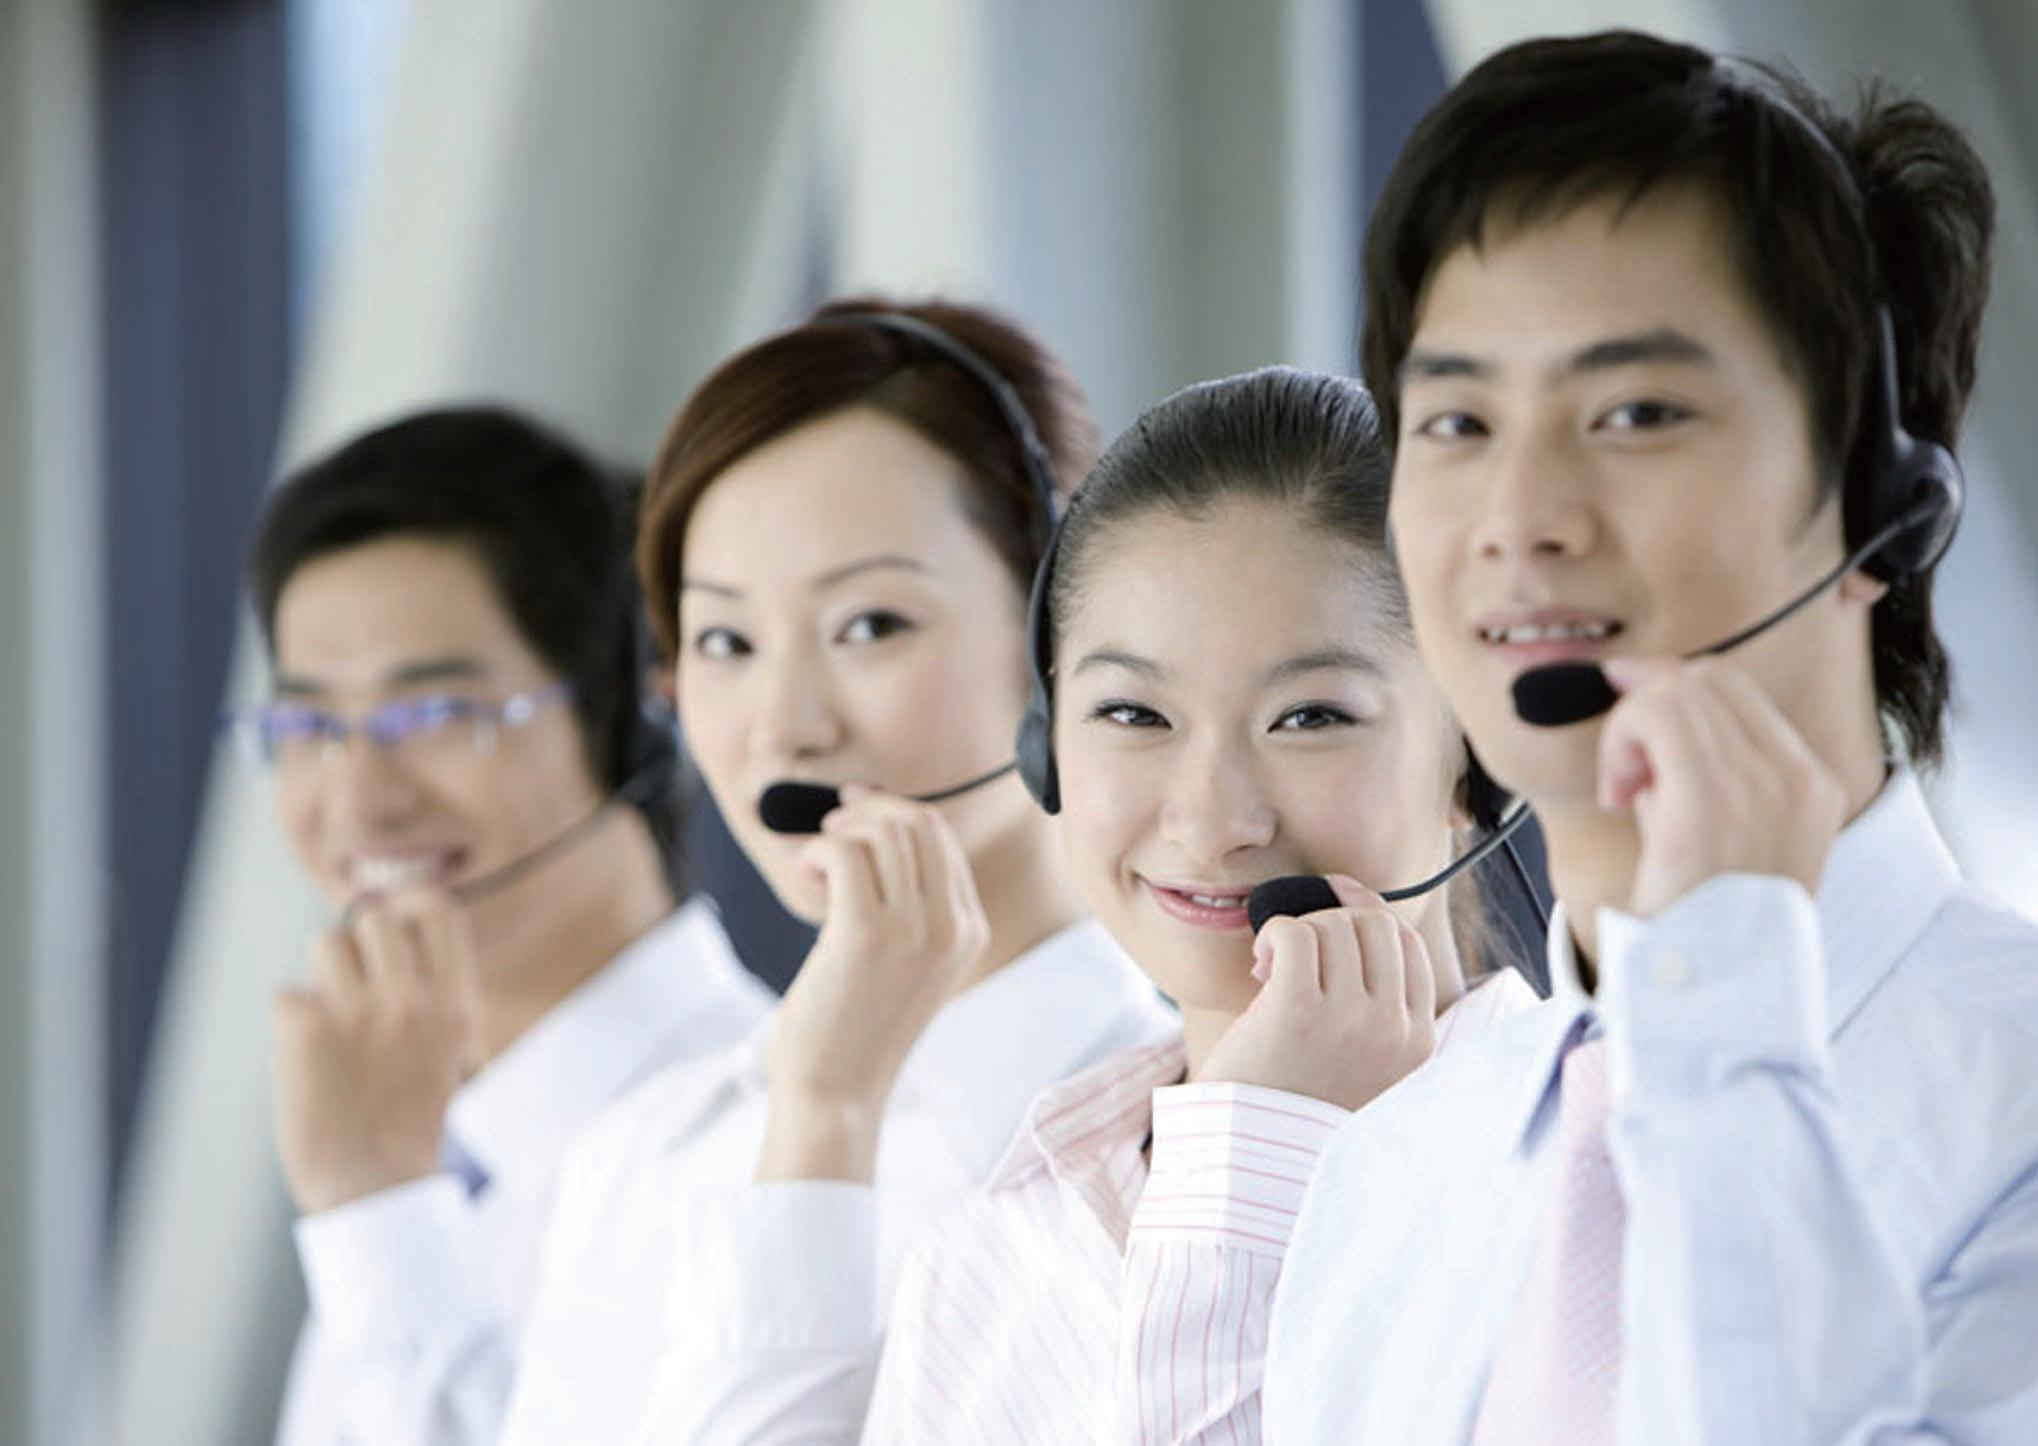 【通知】关于公司作息时间调整安排的通知